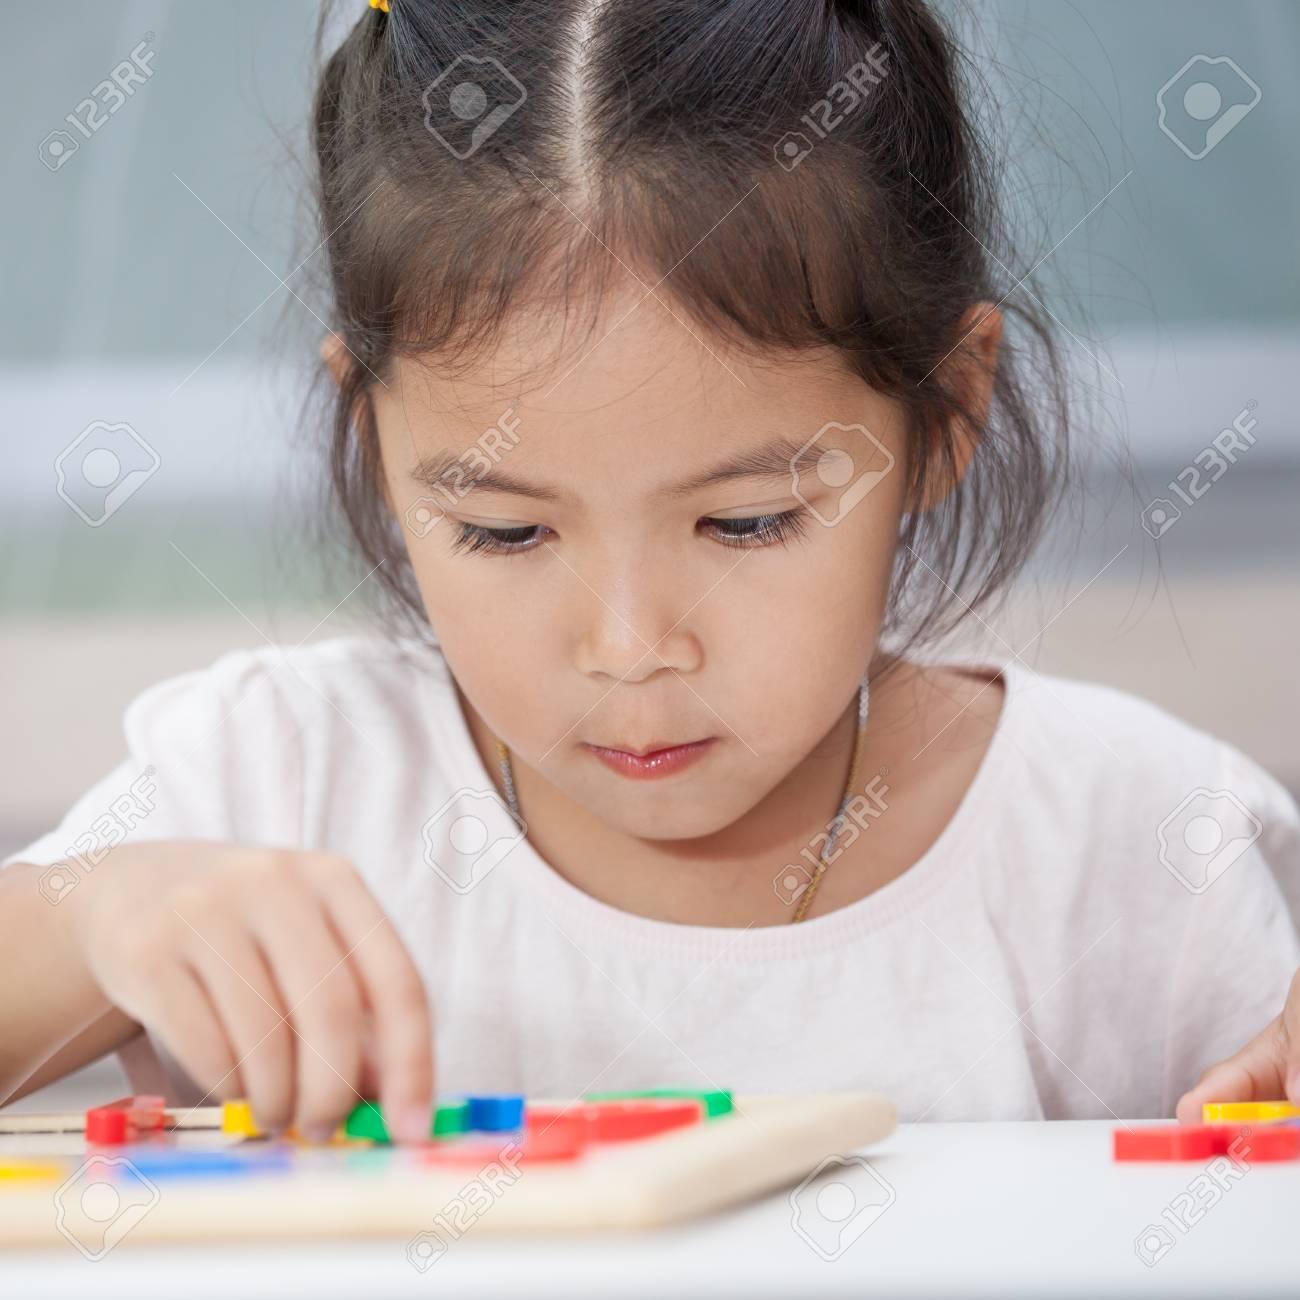 e80fb092e14 Foto de archivo - Niña linda que se divierte jugando y aprendiendo  alfabetos magnéticos a bordo en la habitación.